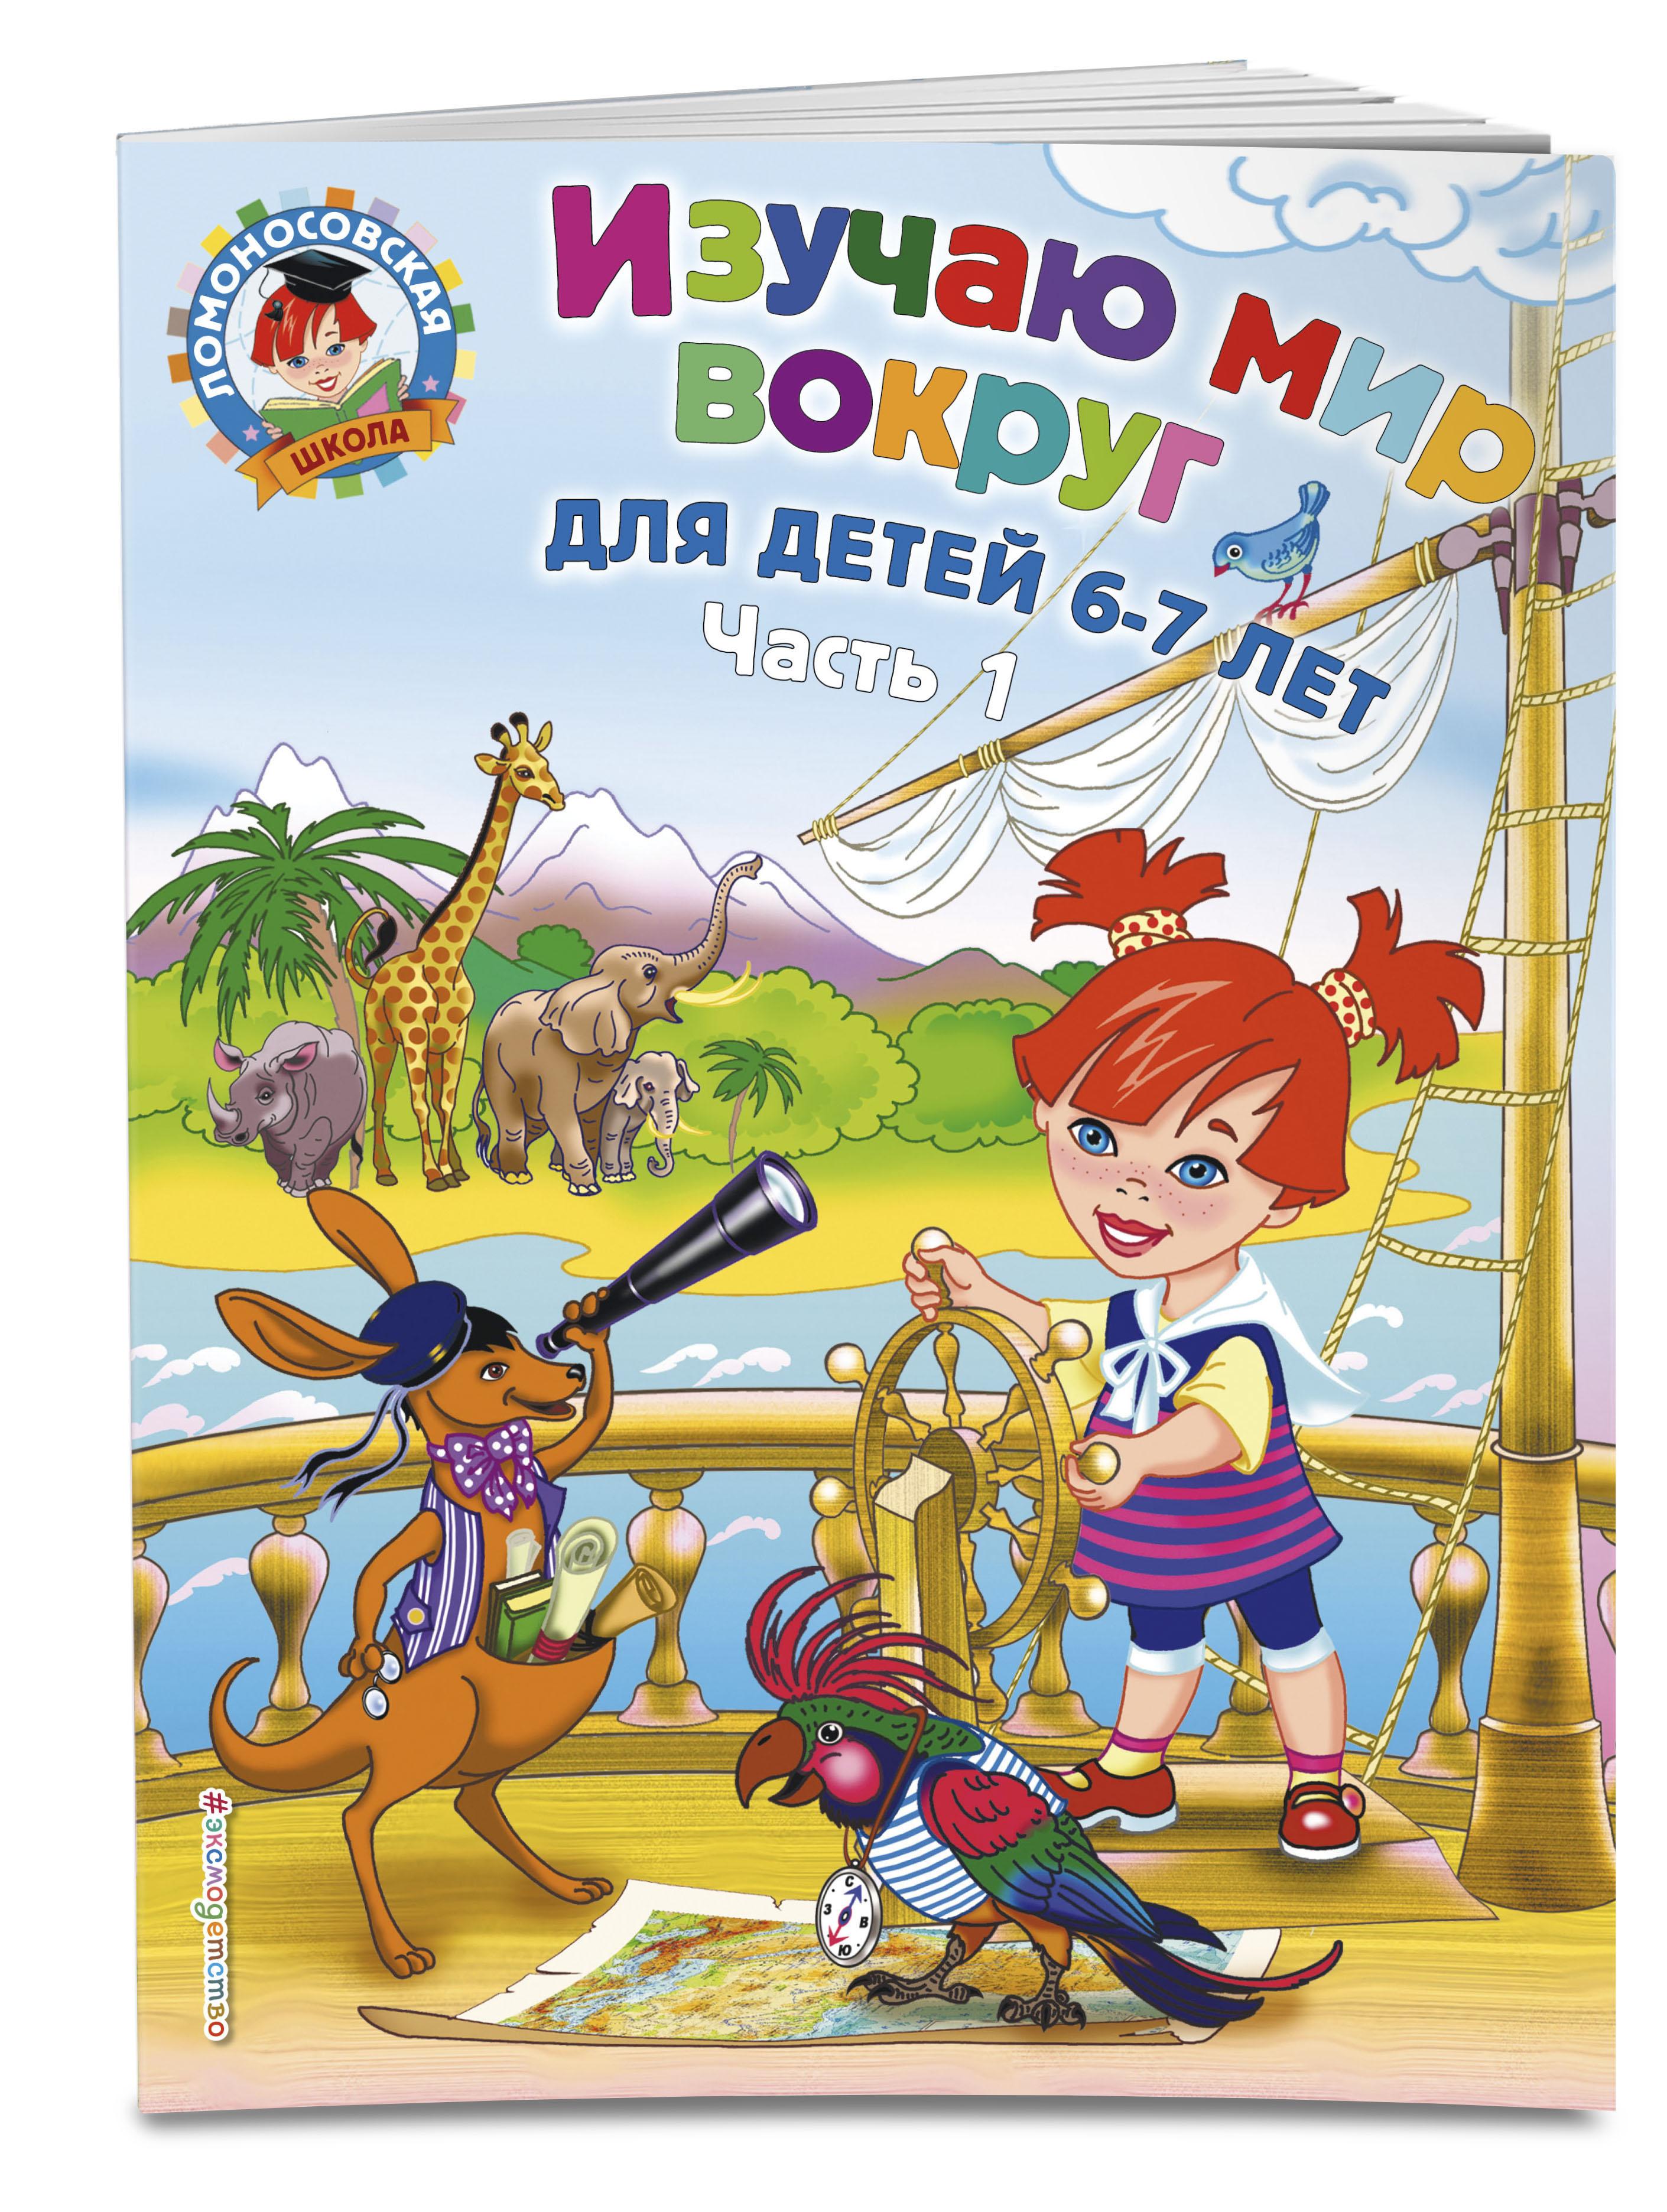 Липская Н.М. Изучаю мир вокруг: для детей 6-7 лет. Ч. 1 липская н изучаю мир вокруг для детей 6 7 лет т 1 2тт